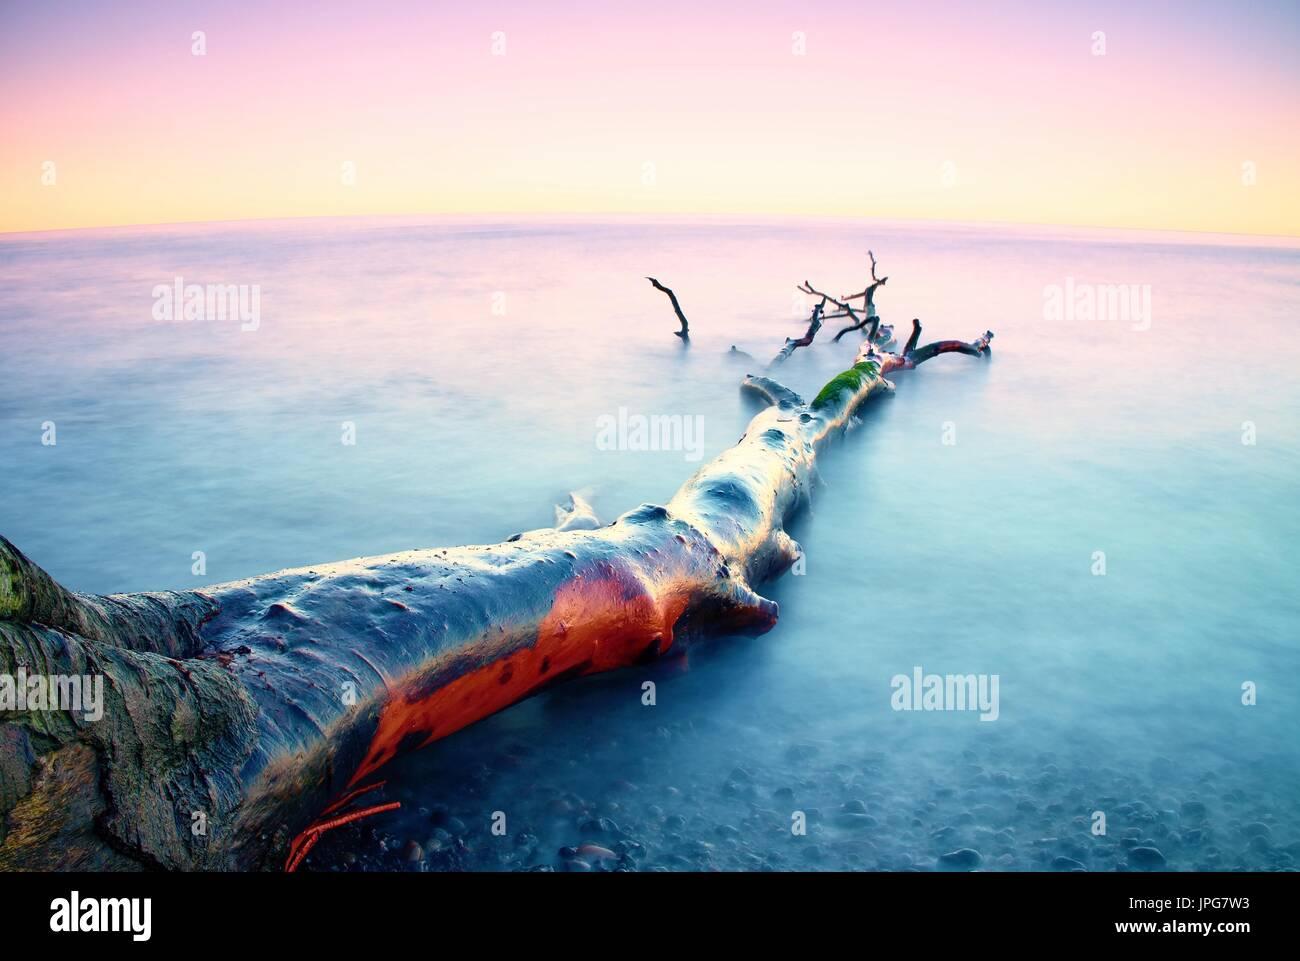 Romantischer Sonnenuntergang Zeit. Einsame umgestürzten Baum auf leere steinigen Küste. Rosa Himmel über glatte rauchigen Wasserstand. Tod-Baum mit Ästen im Wasser, nake Stockbild